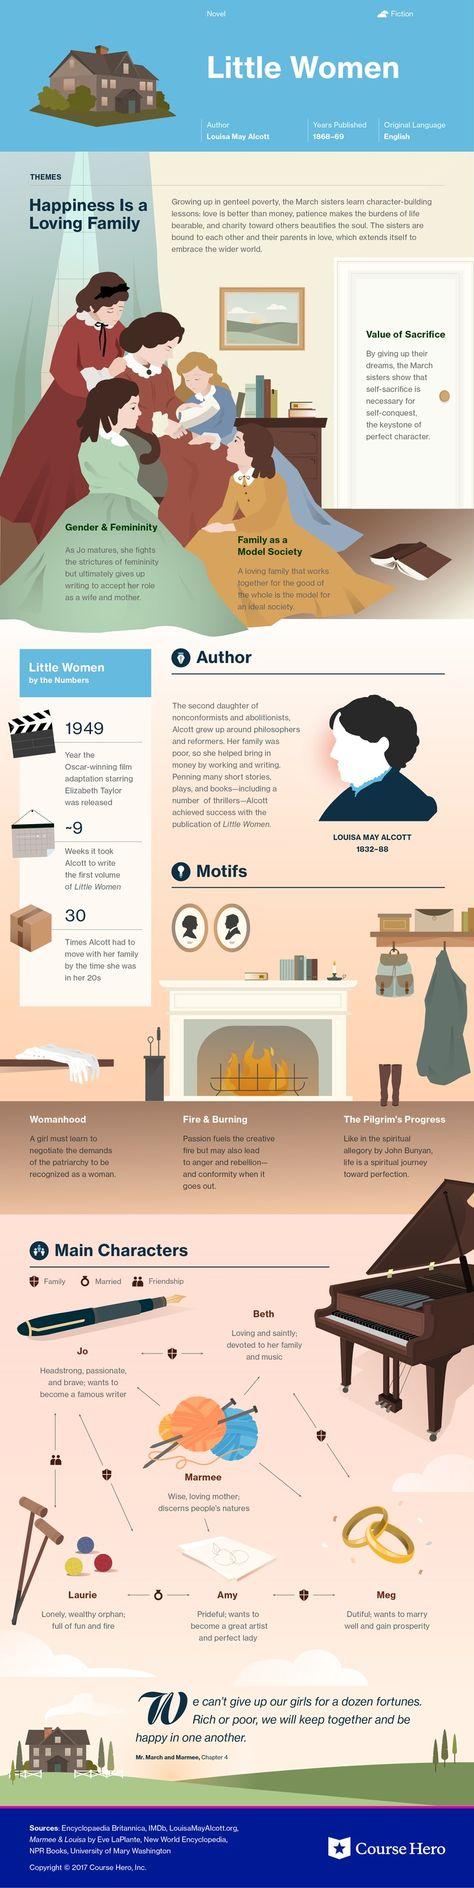 Little Women Study Guide